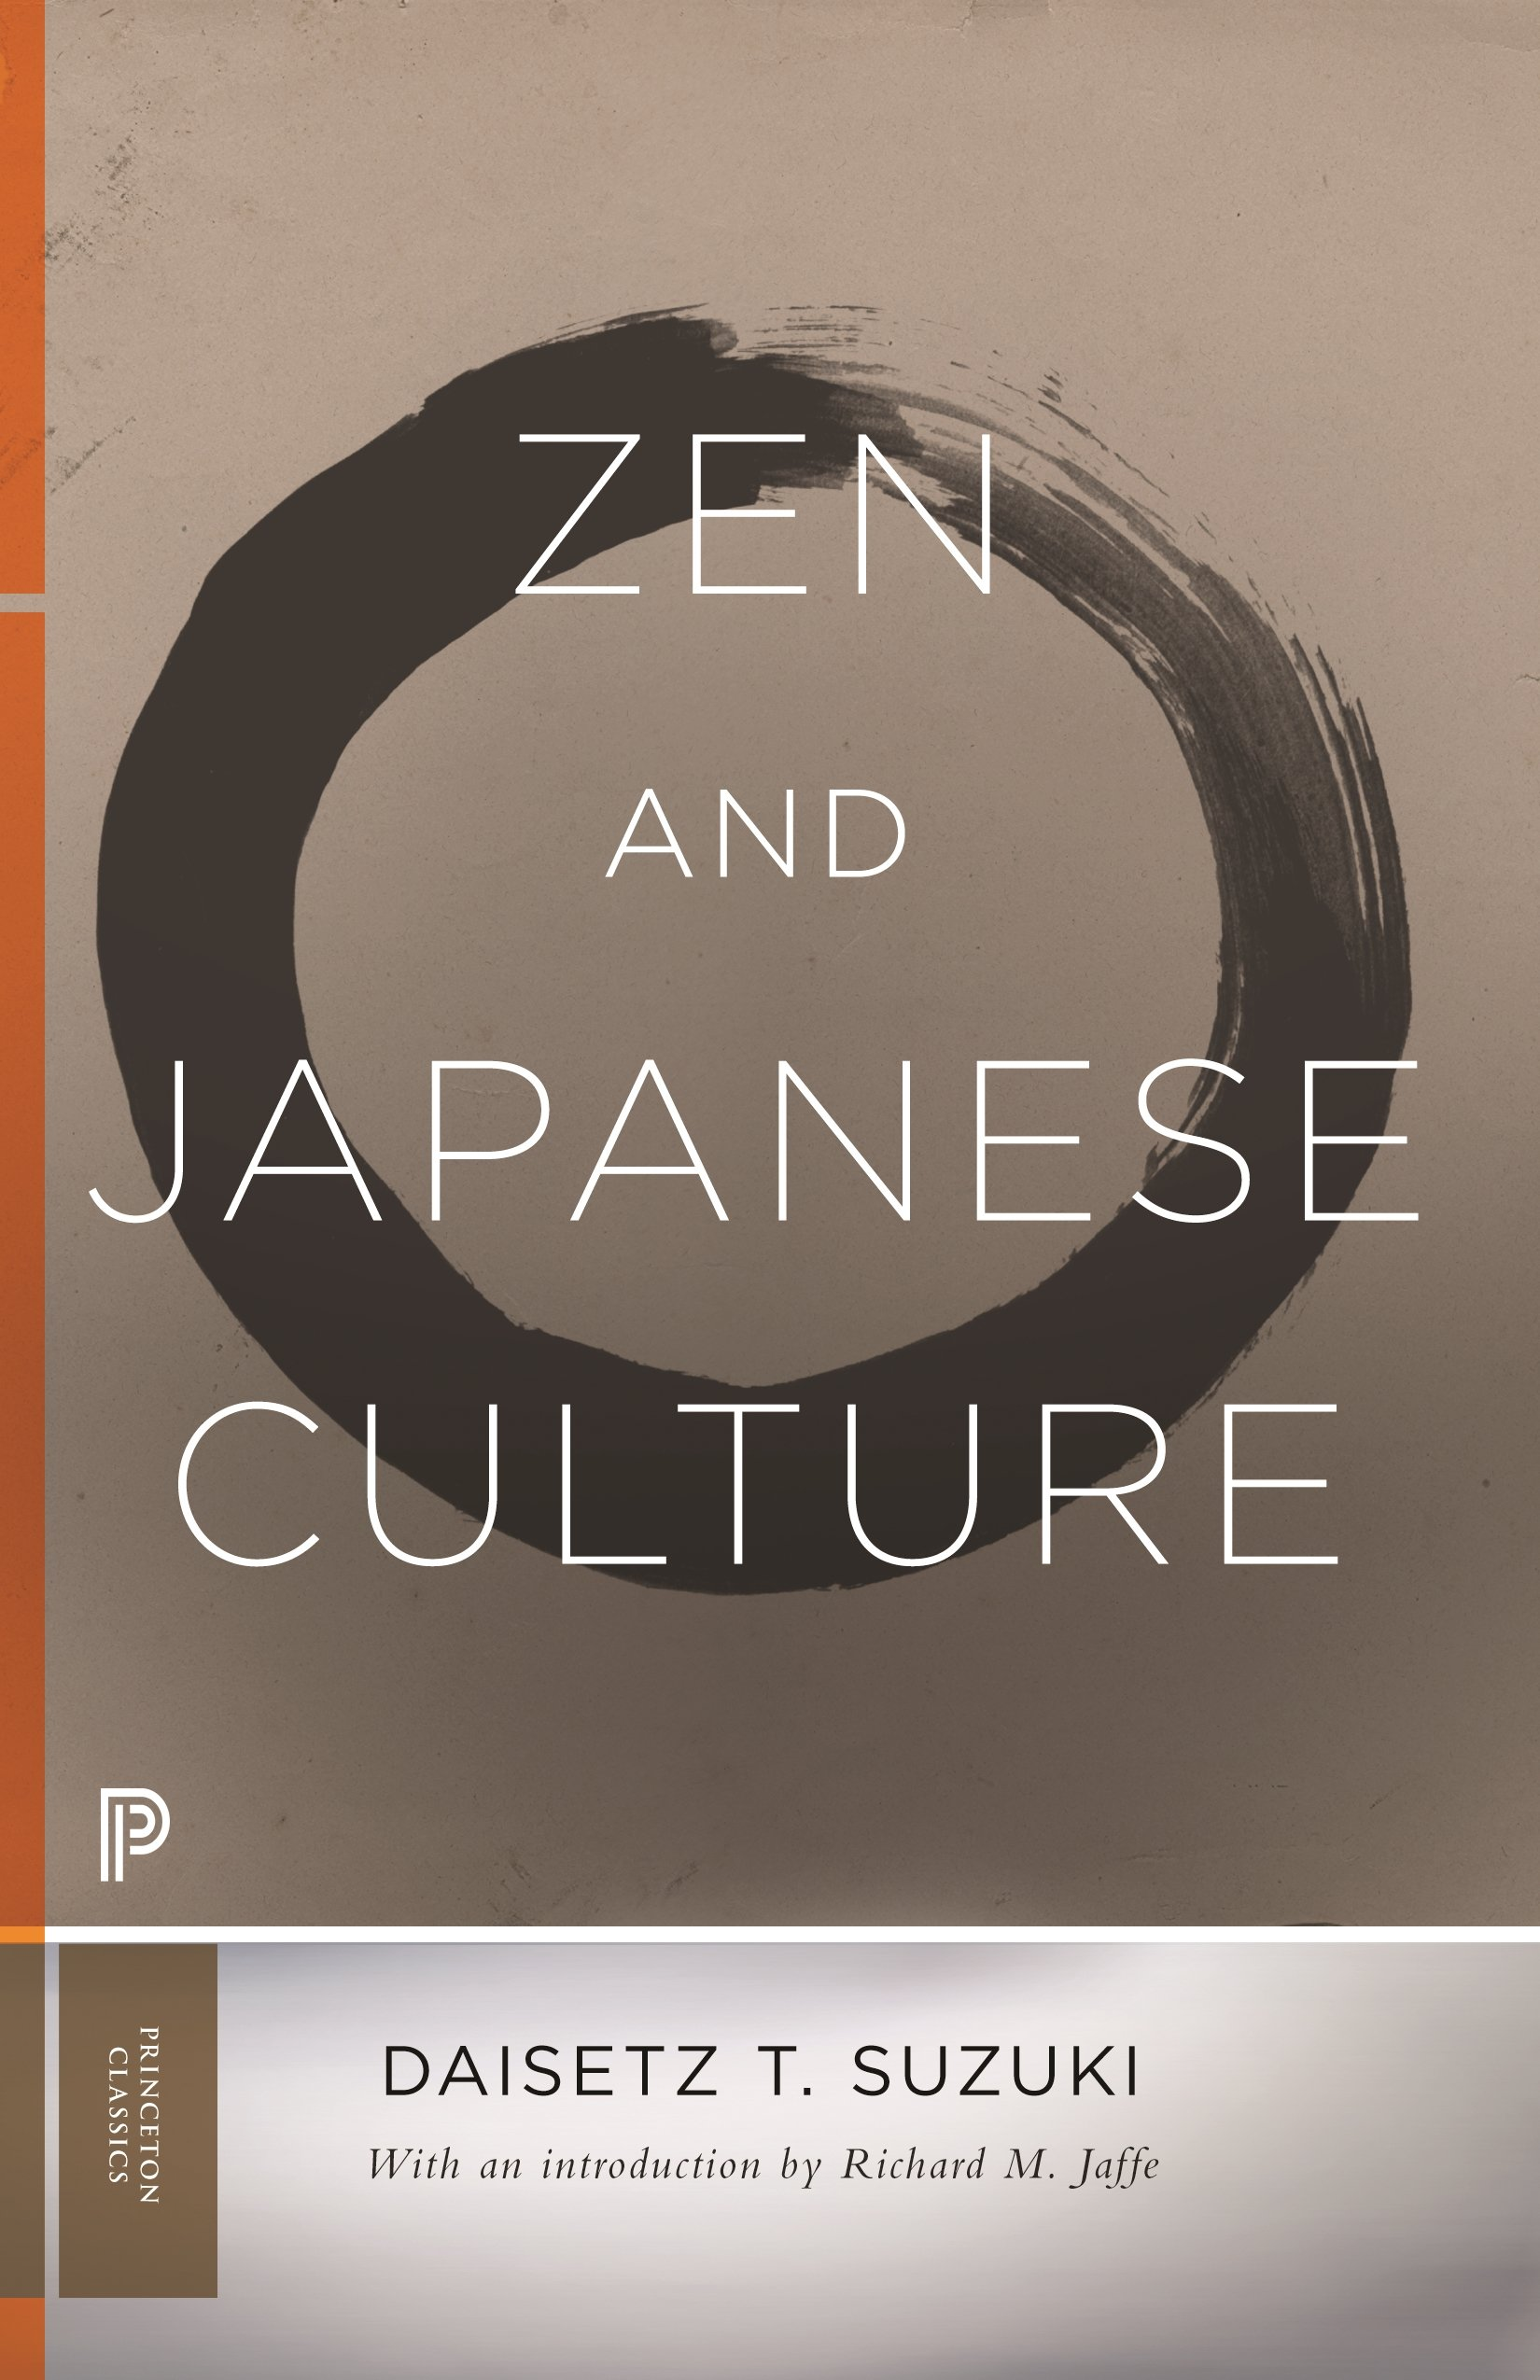 Daisetz T. Suzuki(2019)『Zen and Japanese Culture』Princeton Univ Pr